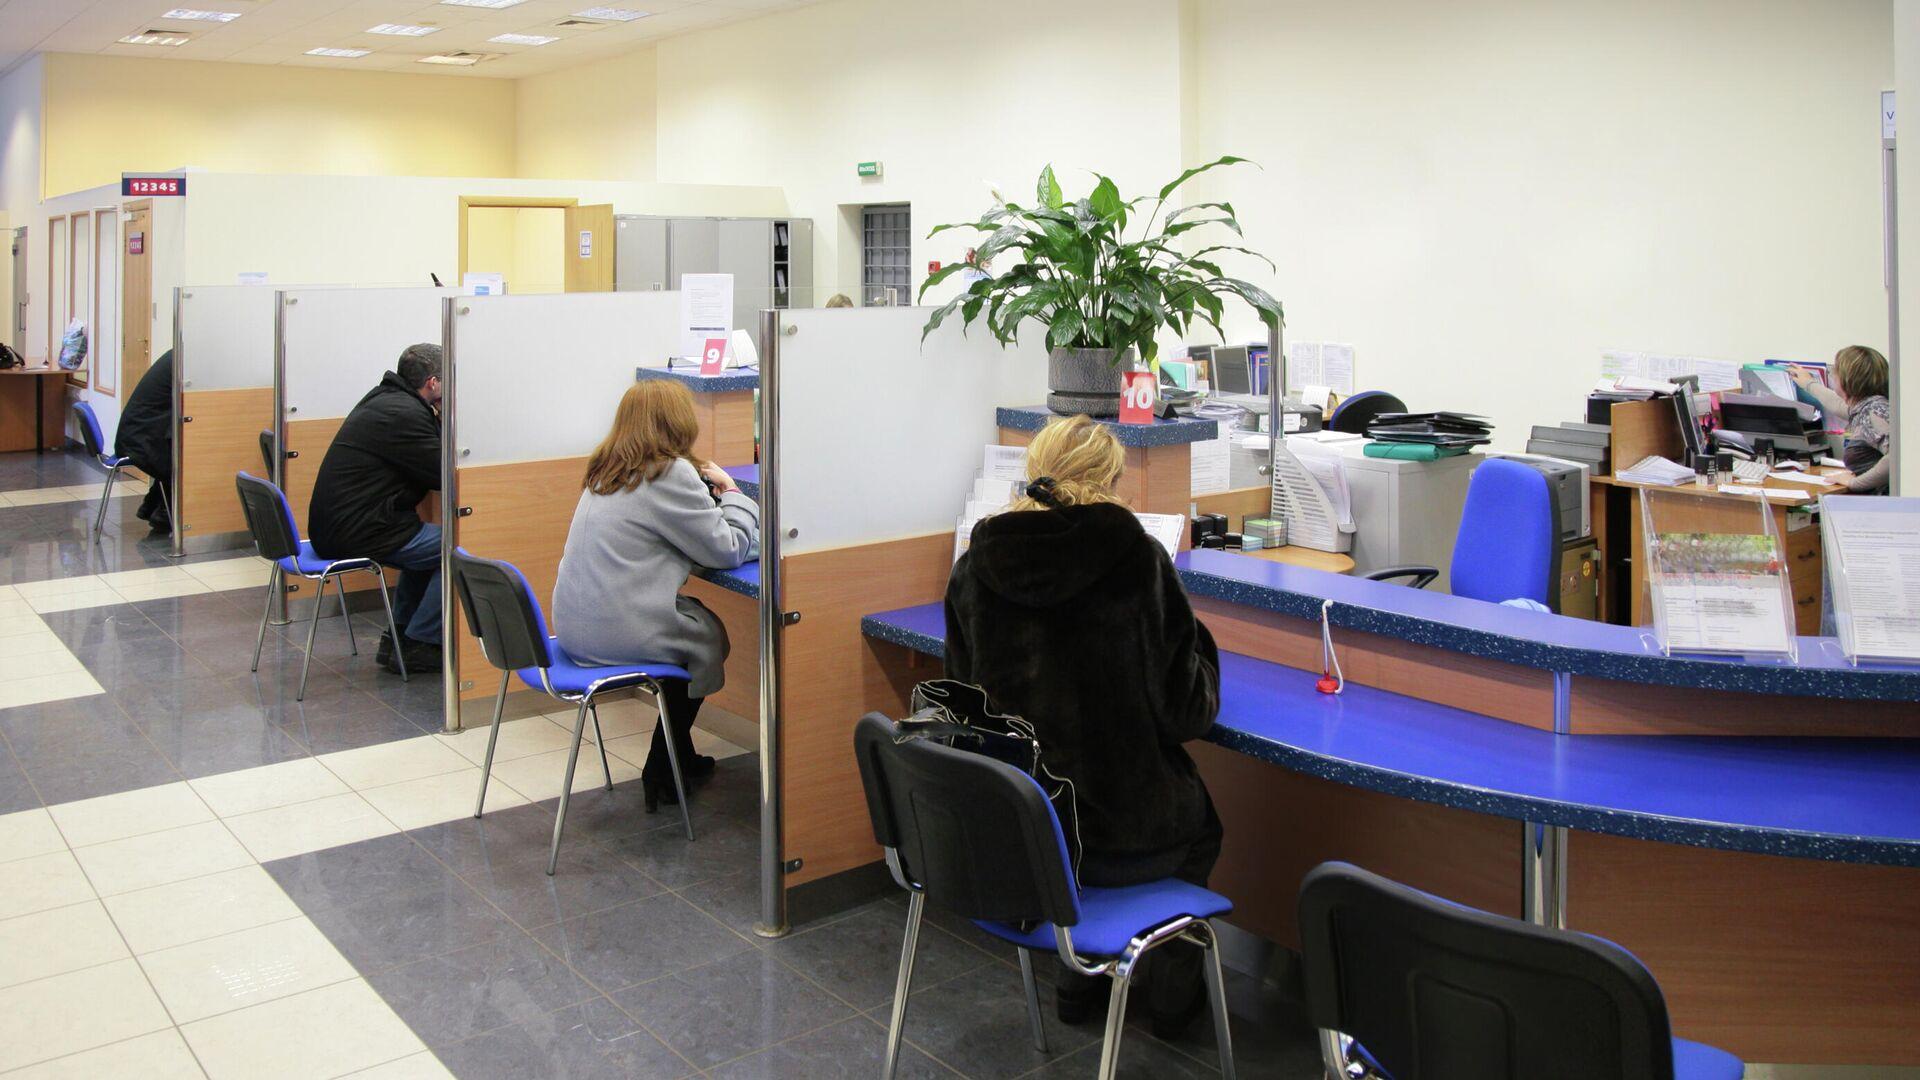 Посетители в отделении банка - РИА Новости, 1920, 07.04.2021